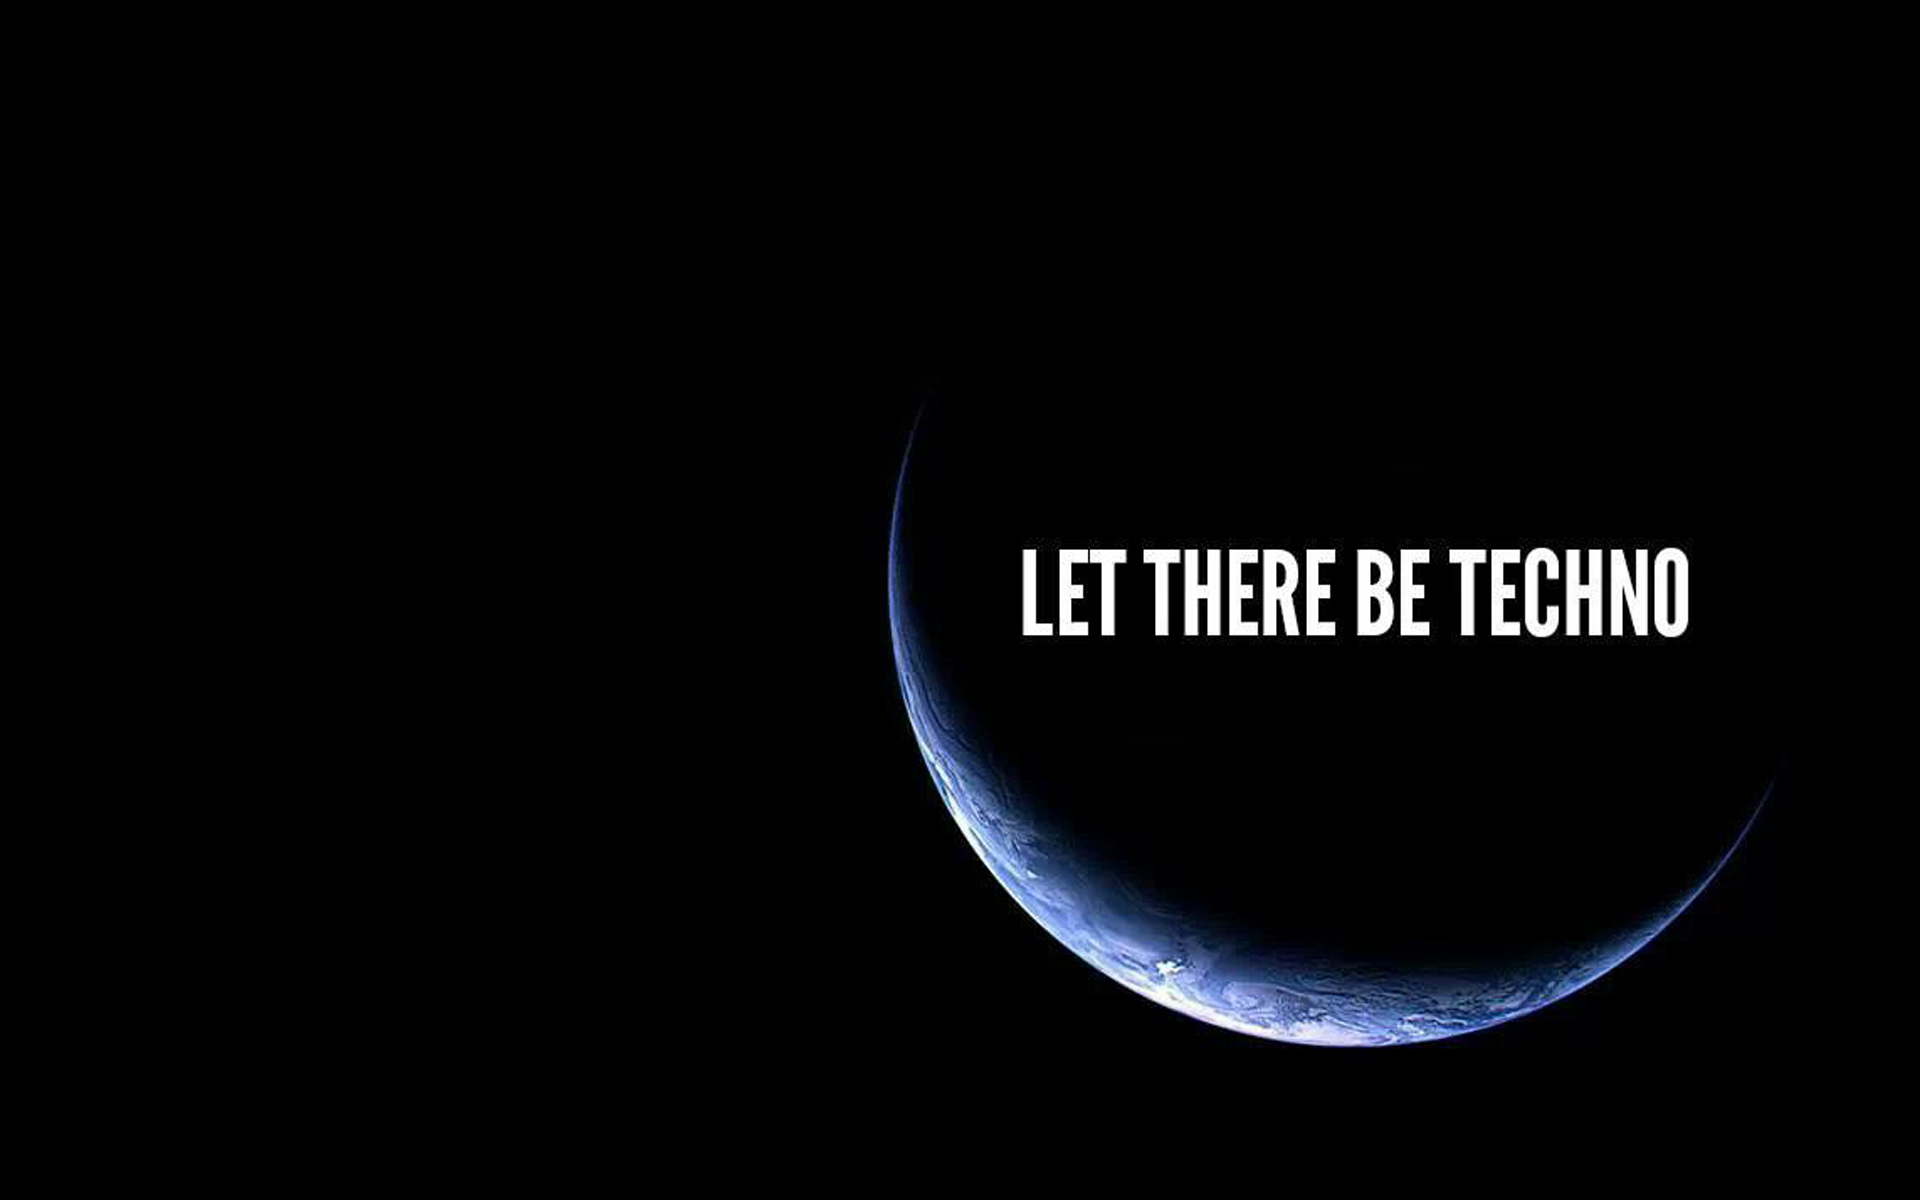 Techno [ˈtɛknoʊ]